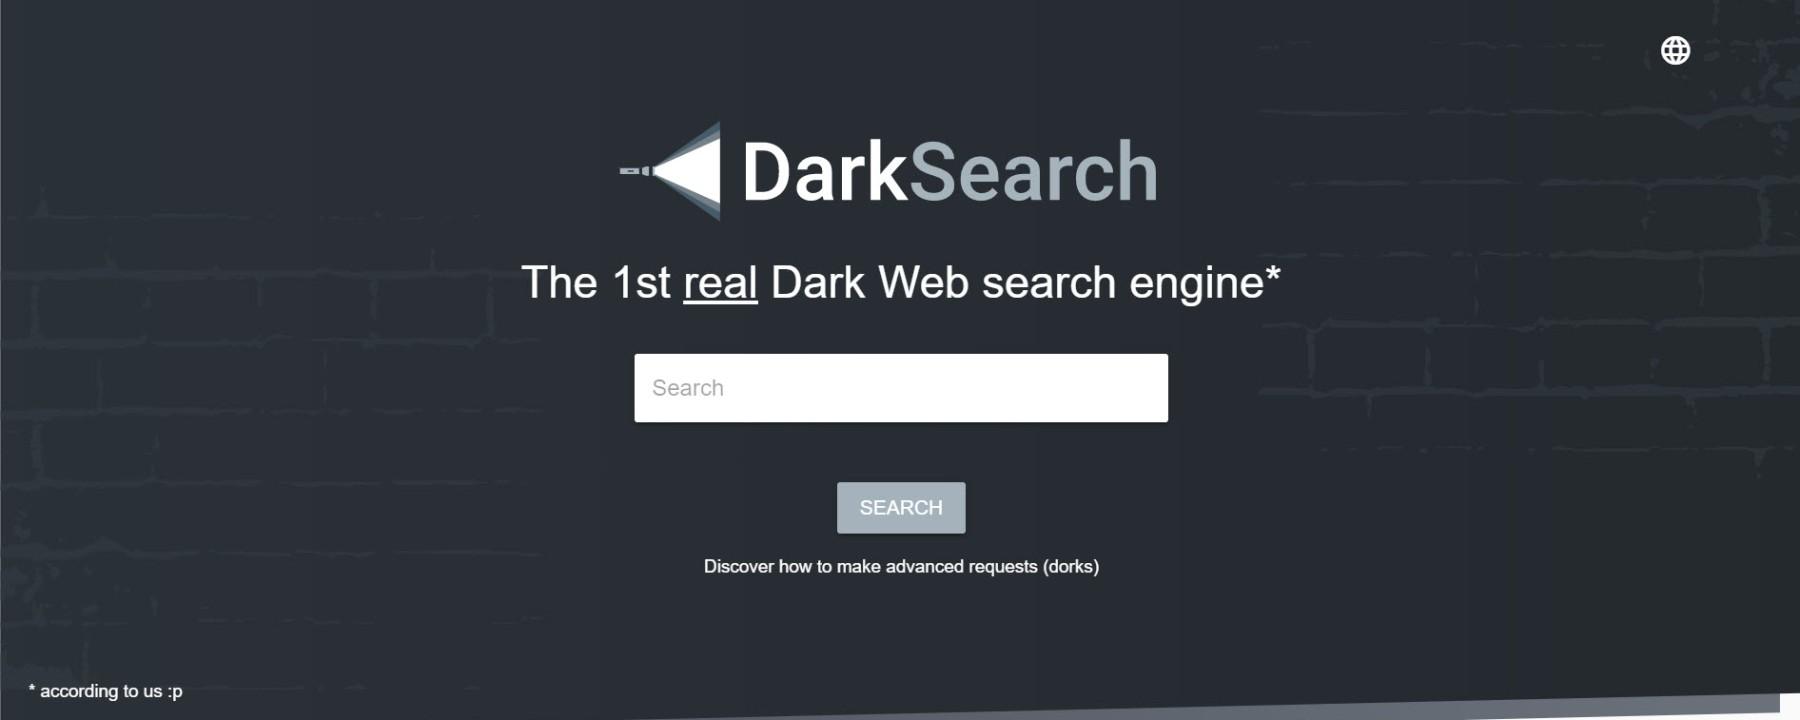 darksearch-el-primer-buscador-real-para-la-dark-web